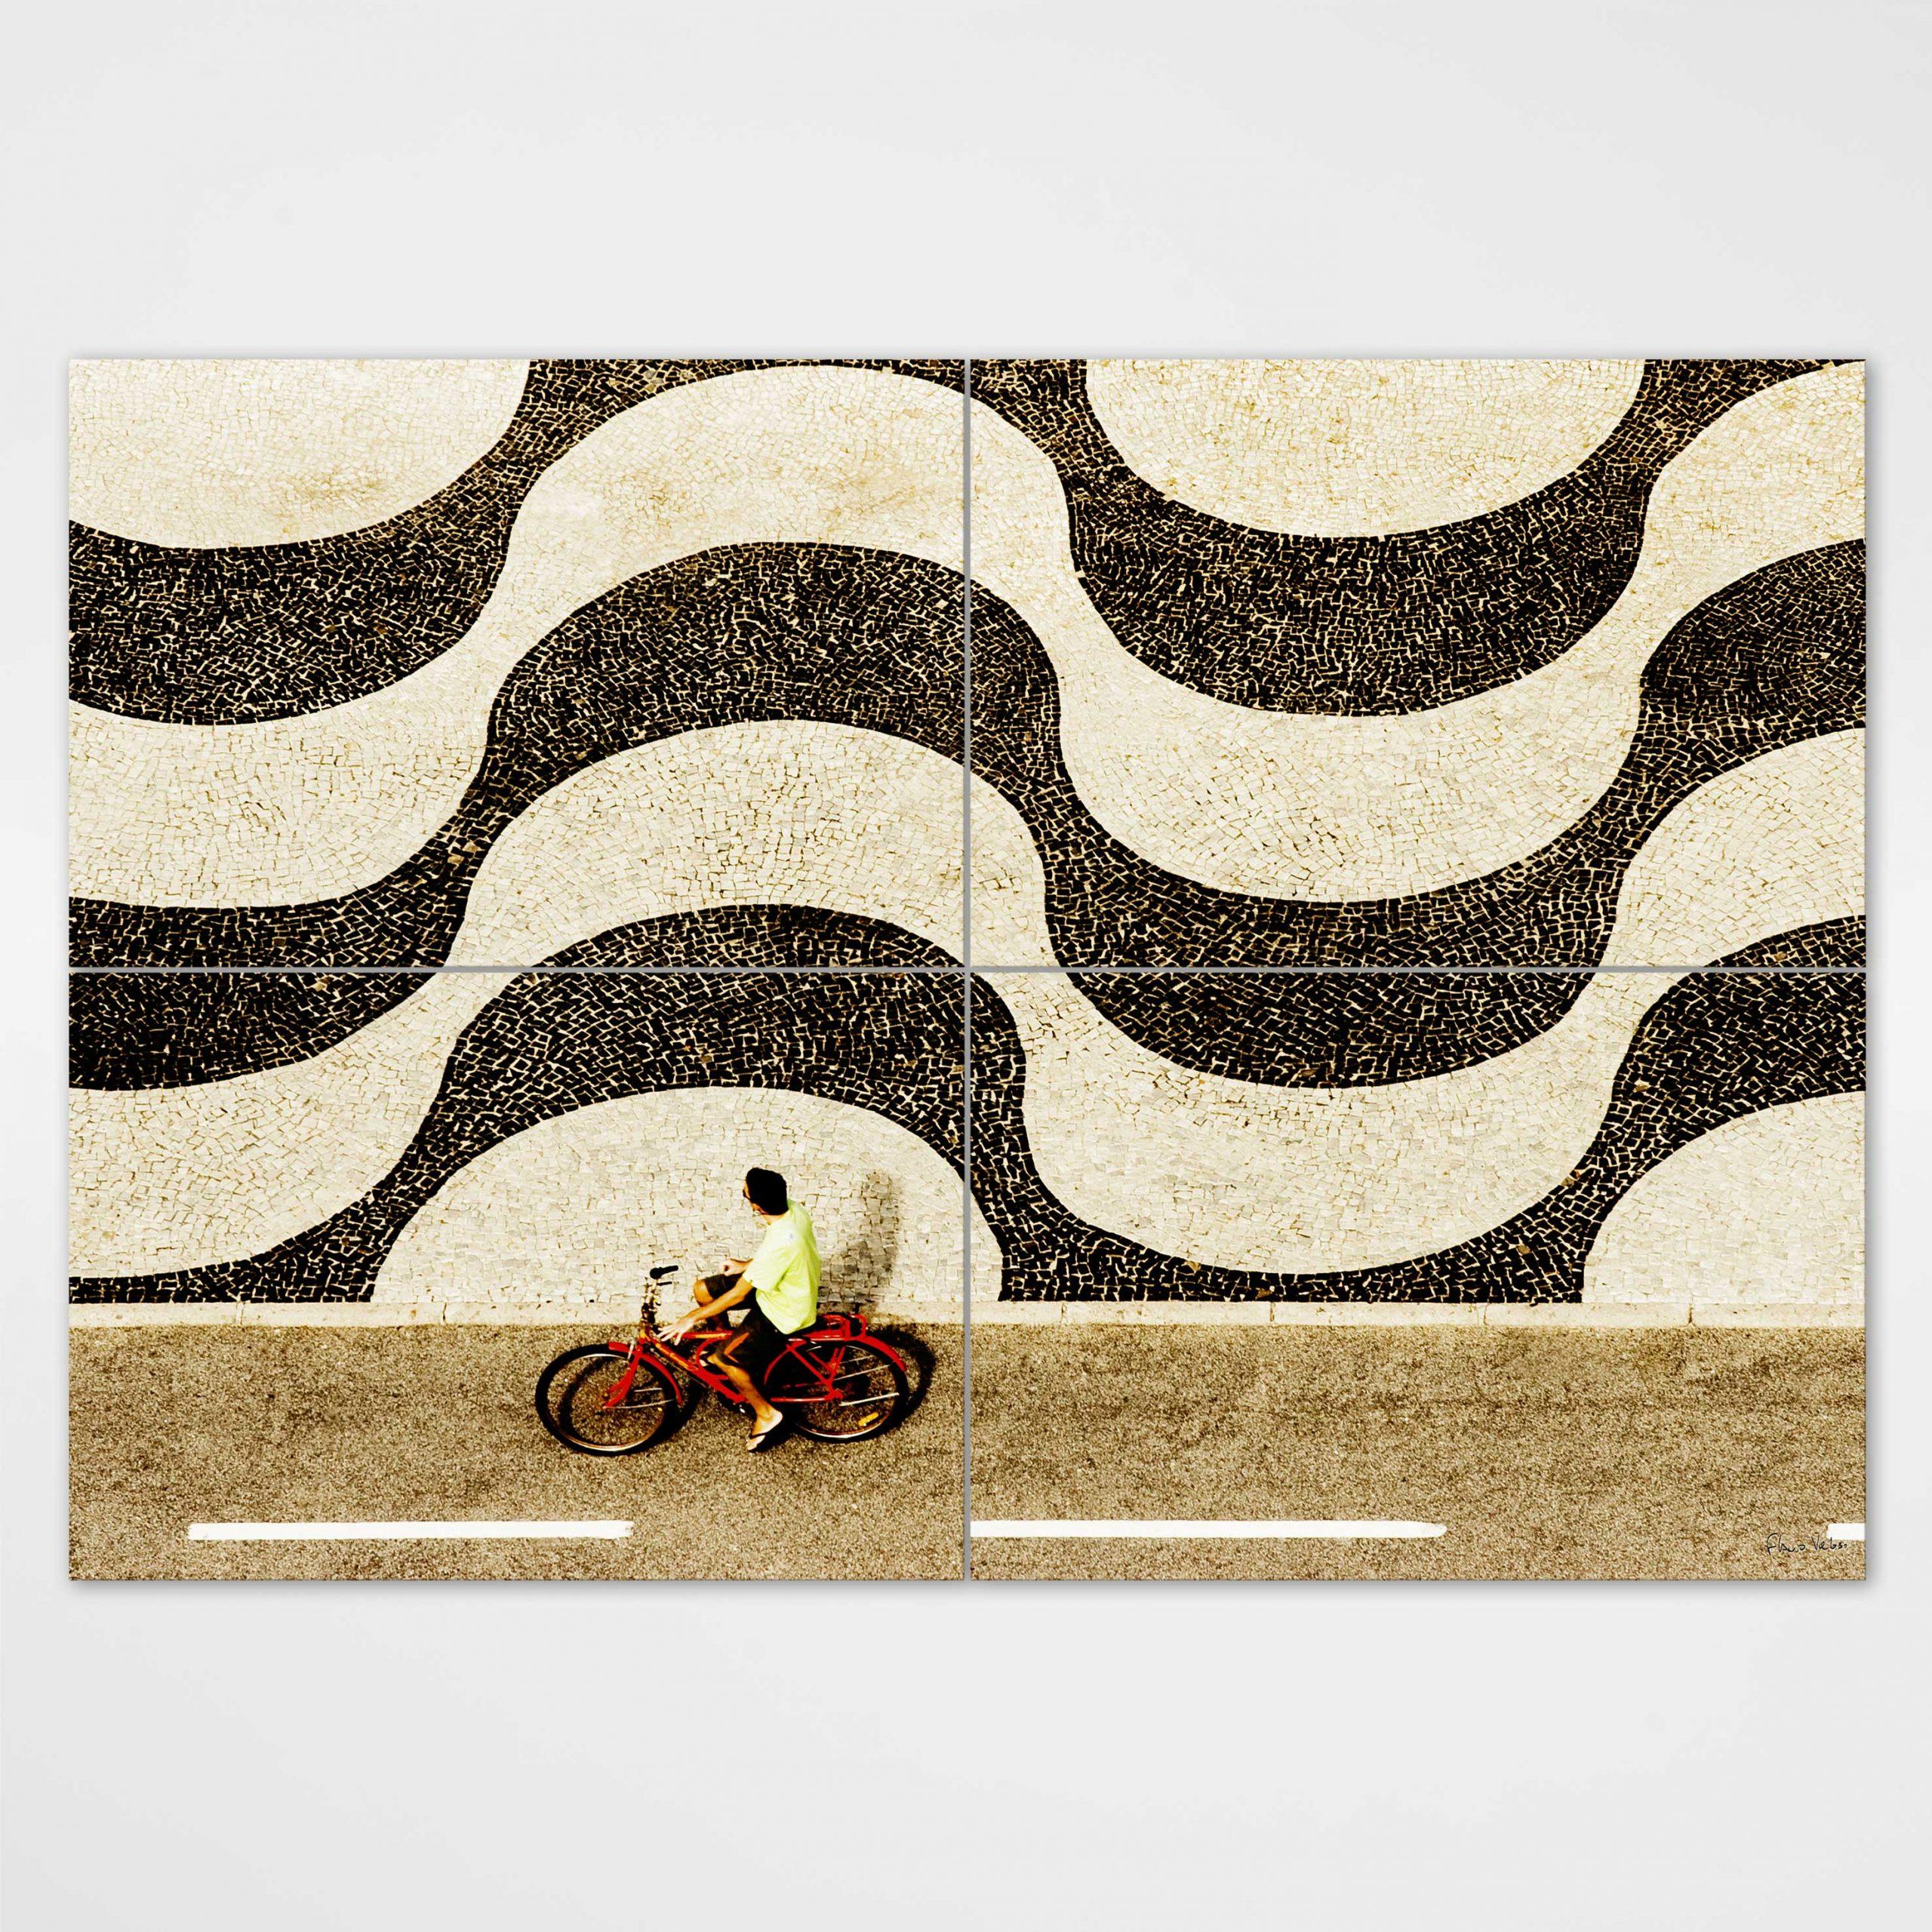 Painel Modular - Calçadão de Copacabana